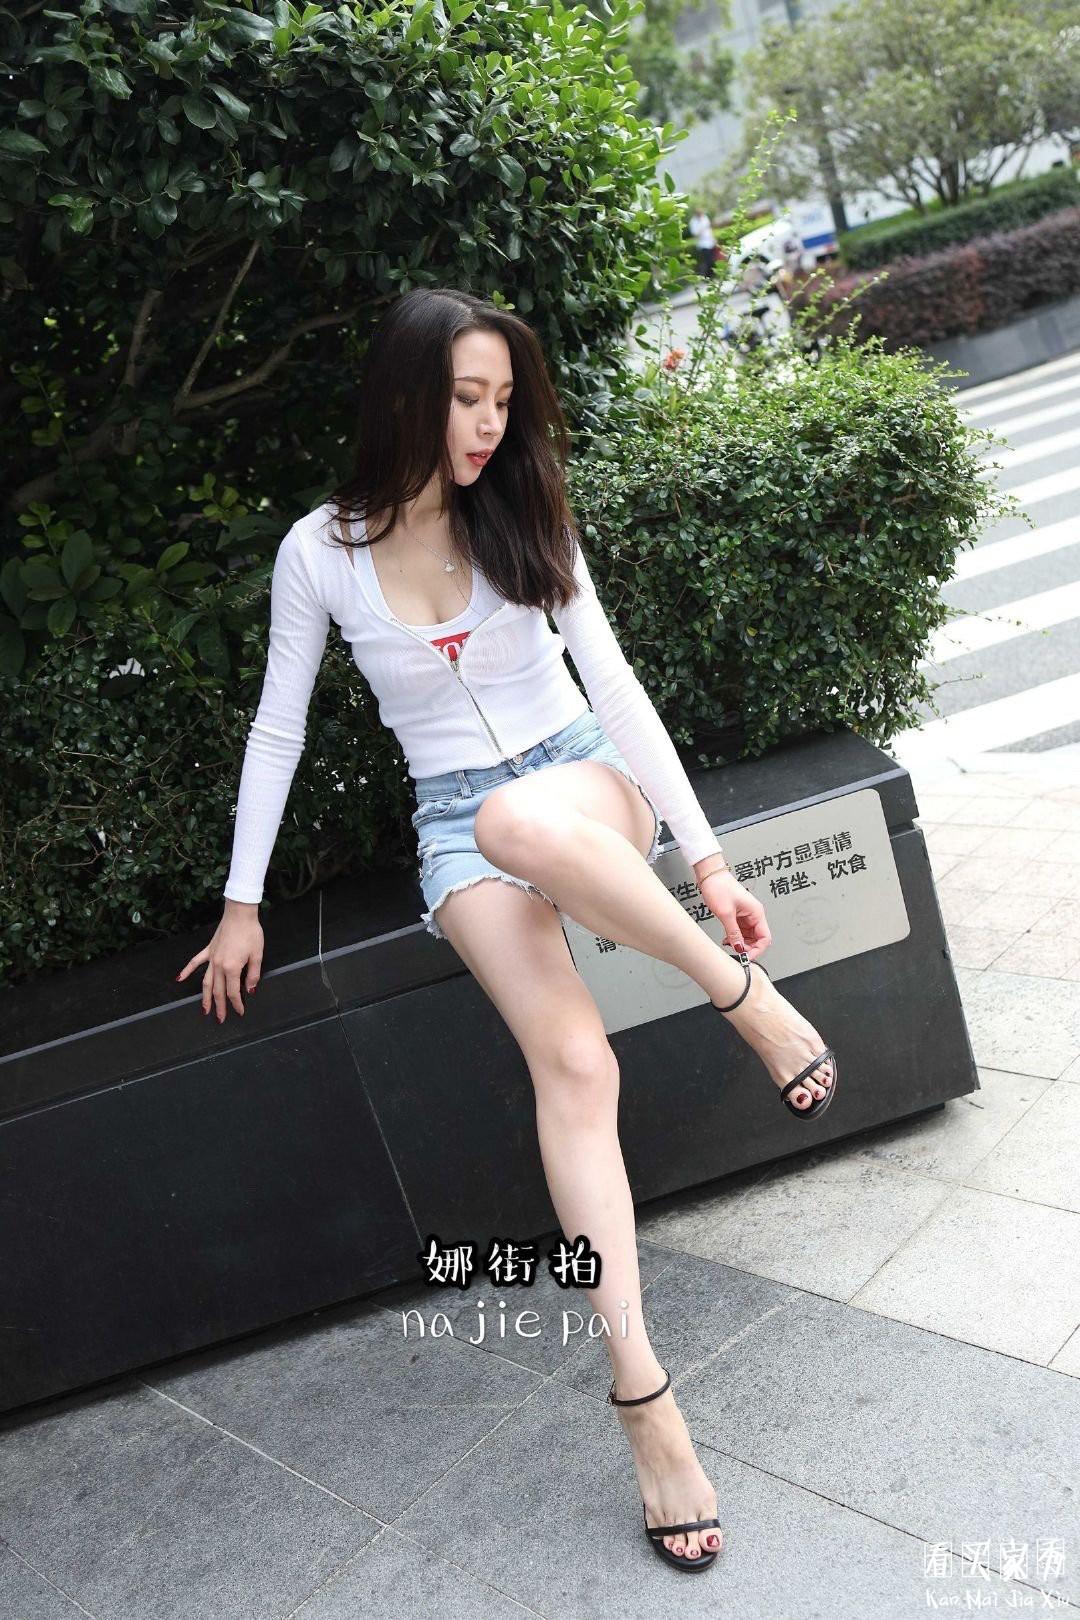 [街拍美女]娜街拍大尺度超短热裤蜜桃臀美女,这臀部流线,堪称魔鬼身材7